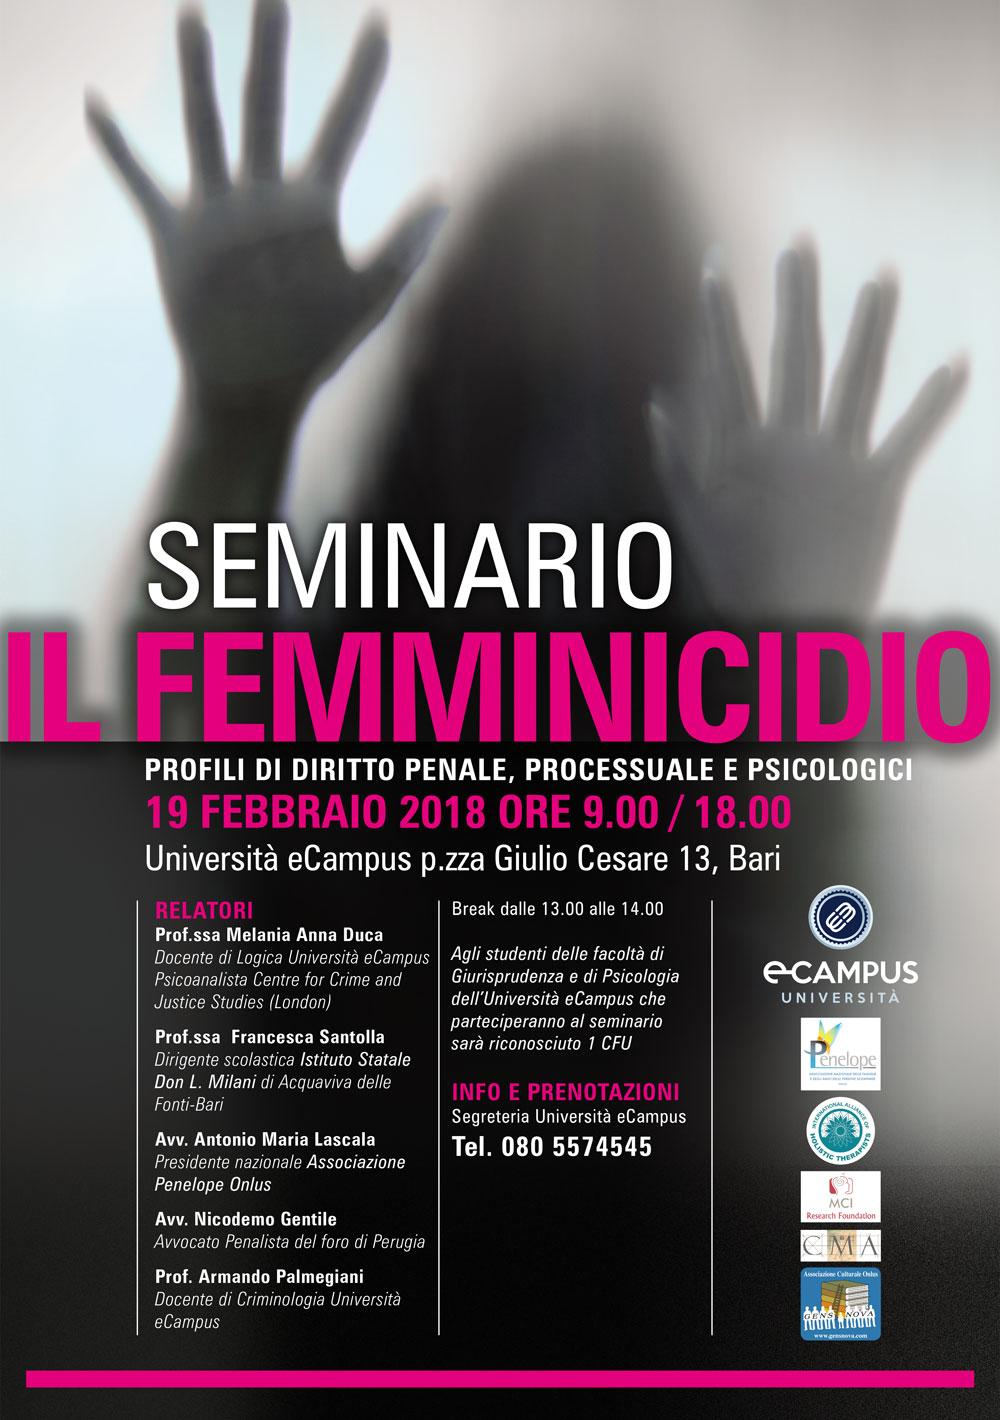 locandina-femminicidio